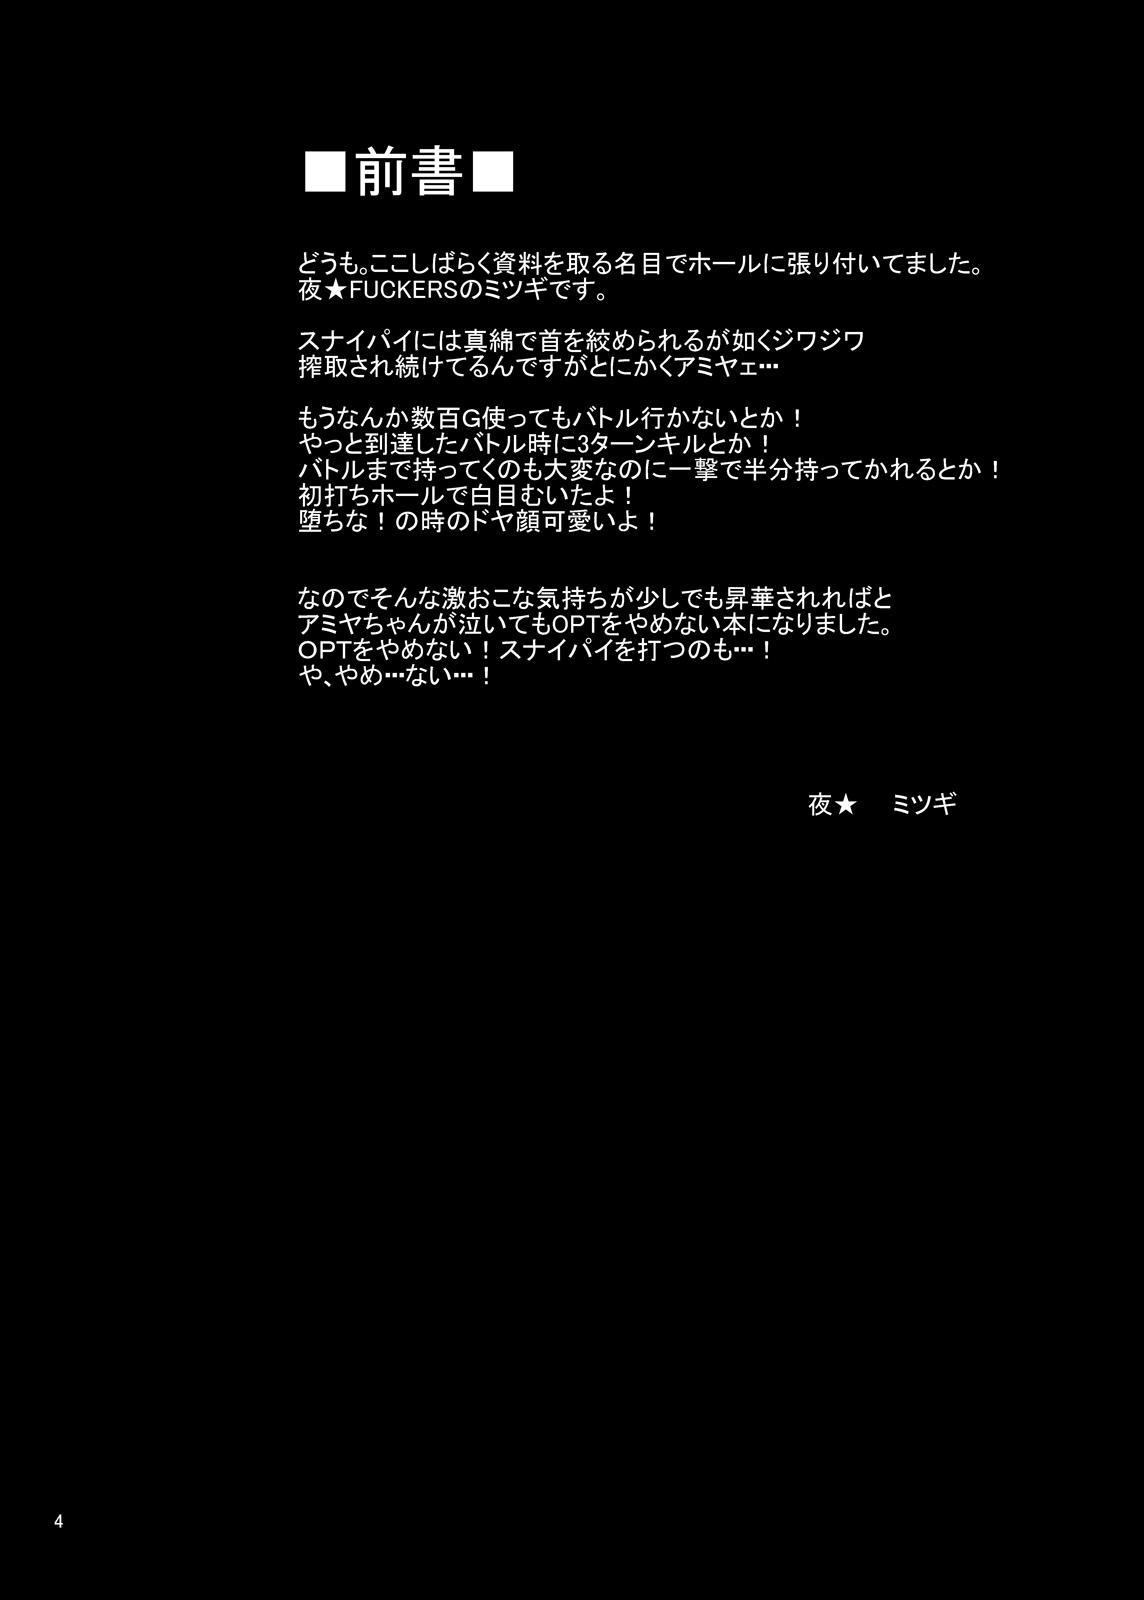 PachiSuro-kei Doujinshi Matome Pack 23